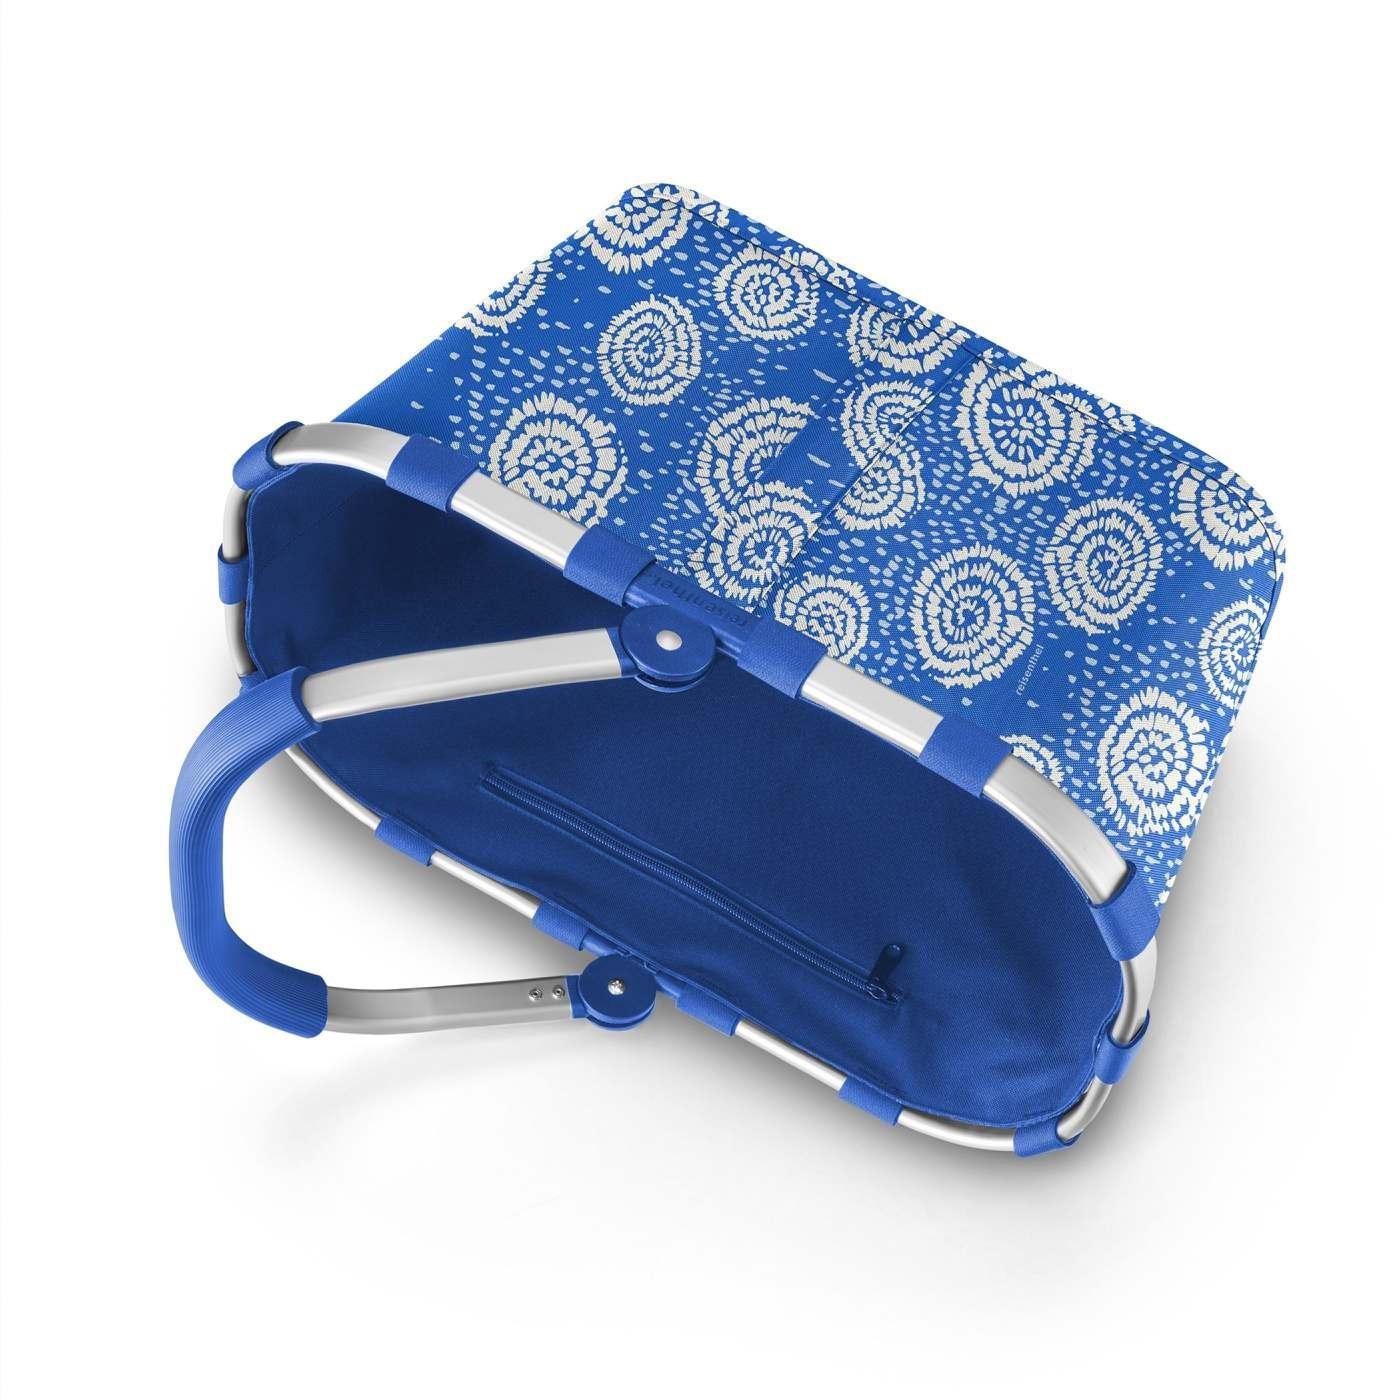 Nákupní košík Carrybag batik strong blue_0